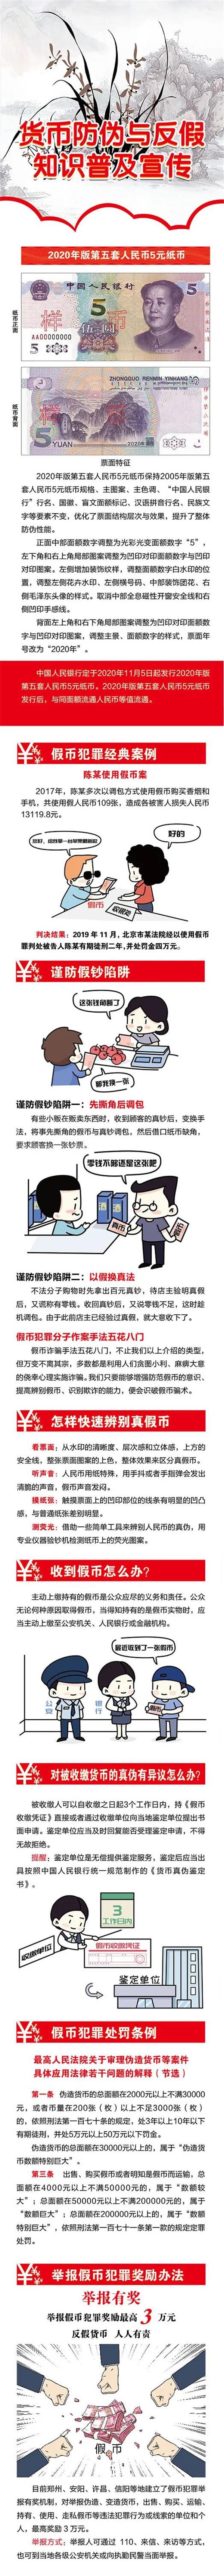 20200917中信银行金融知识普及-3.jpg